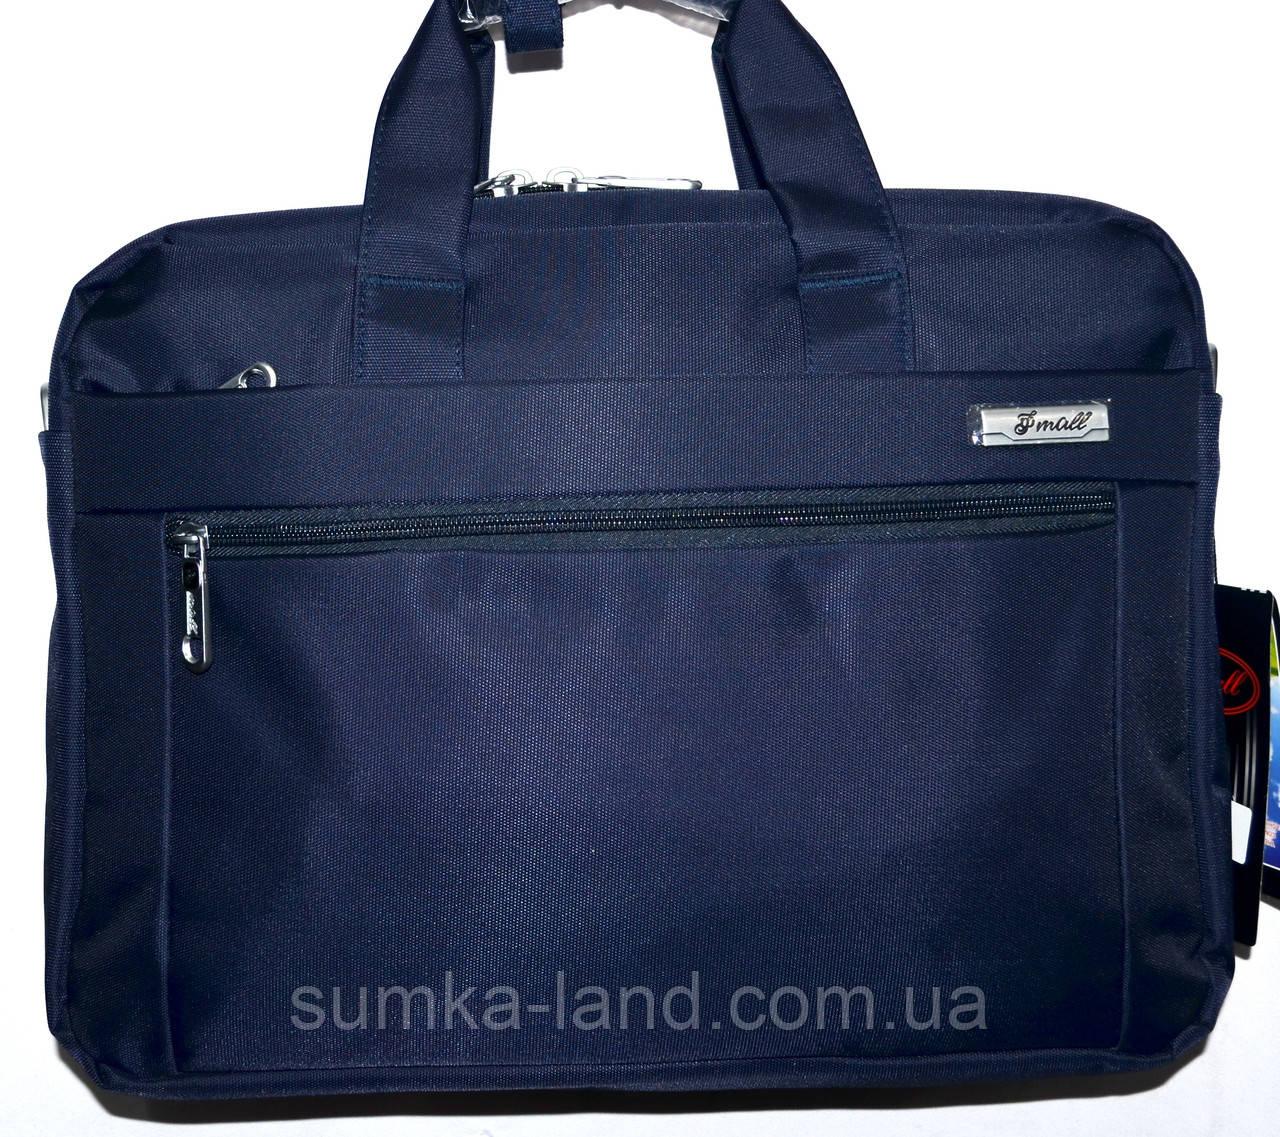 Портфель, сумка для ноутбука тканевая синего цвета 38*28 см